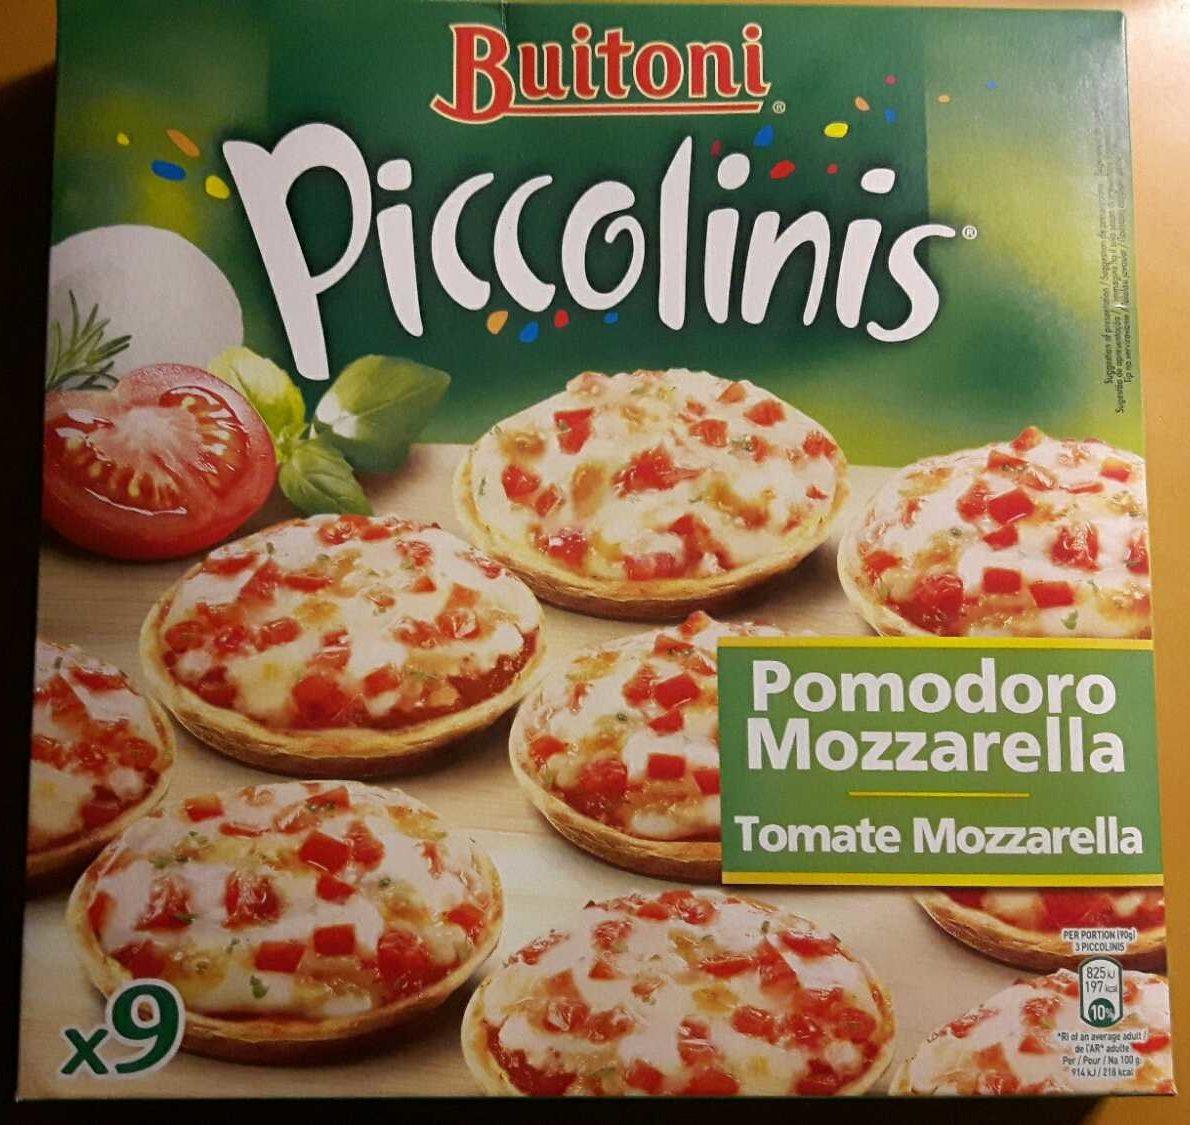 Piccolinis Pomodoro Mozzarella - Producto